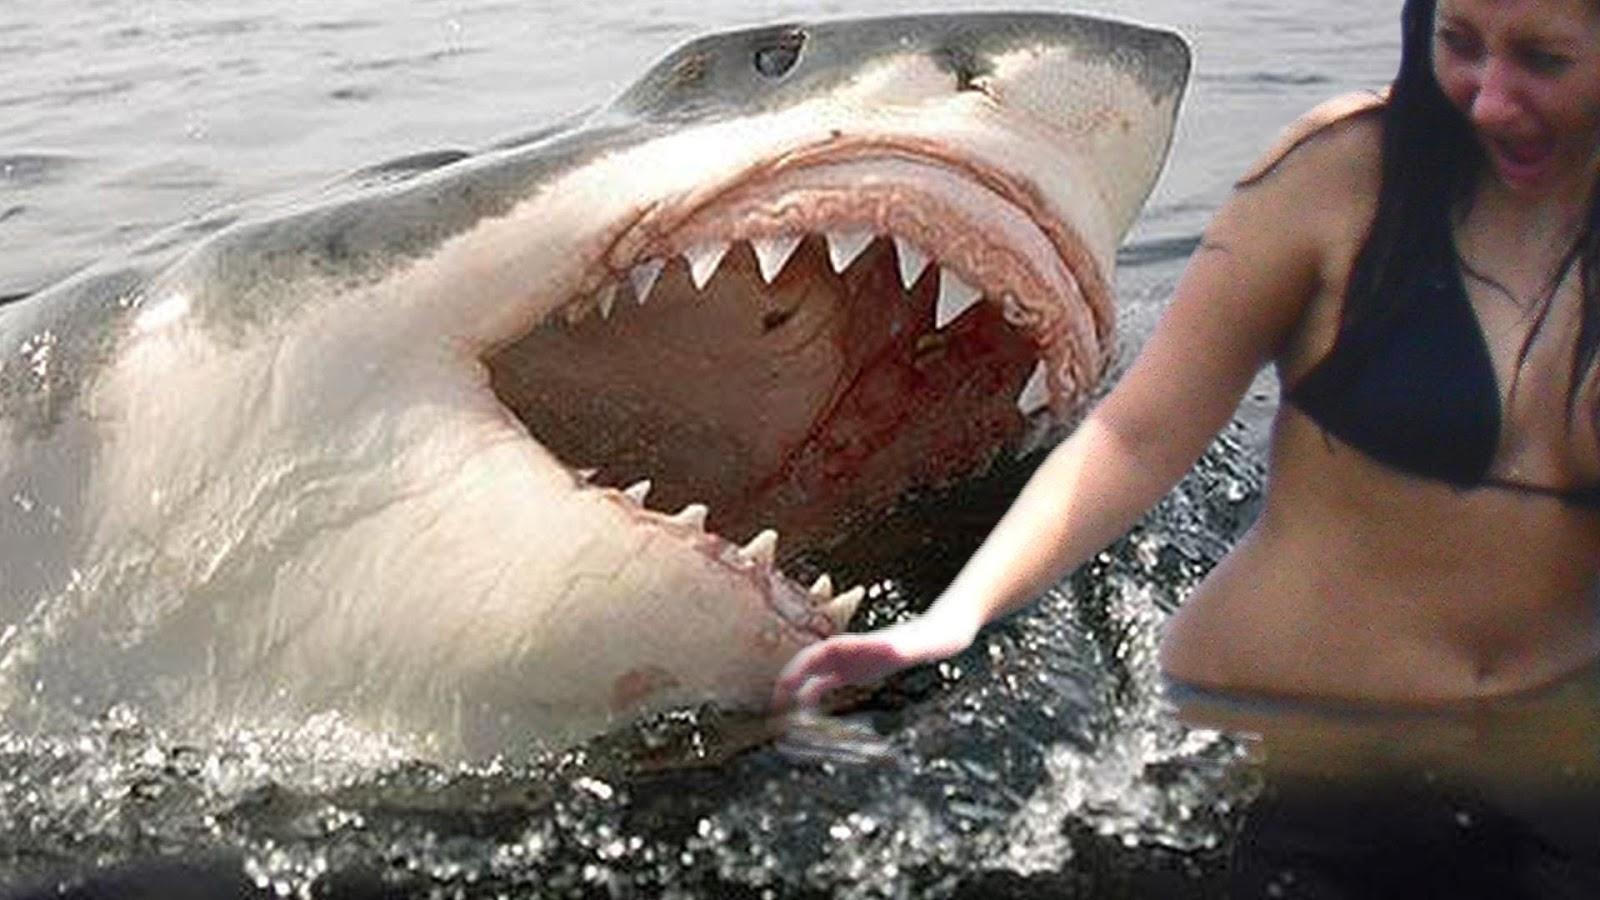 SHARK ATTACKSHARK VIDEOSRECENT SHARK ATTACKSLATEST SHARK ATTACK